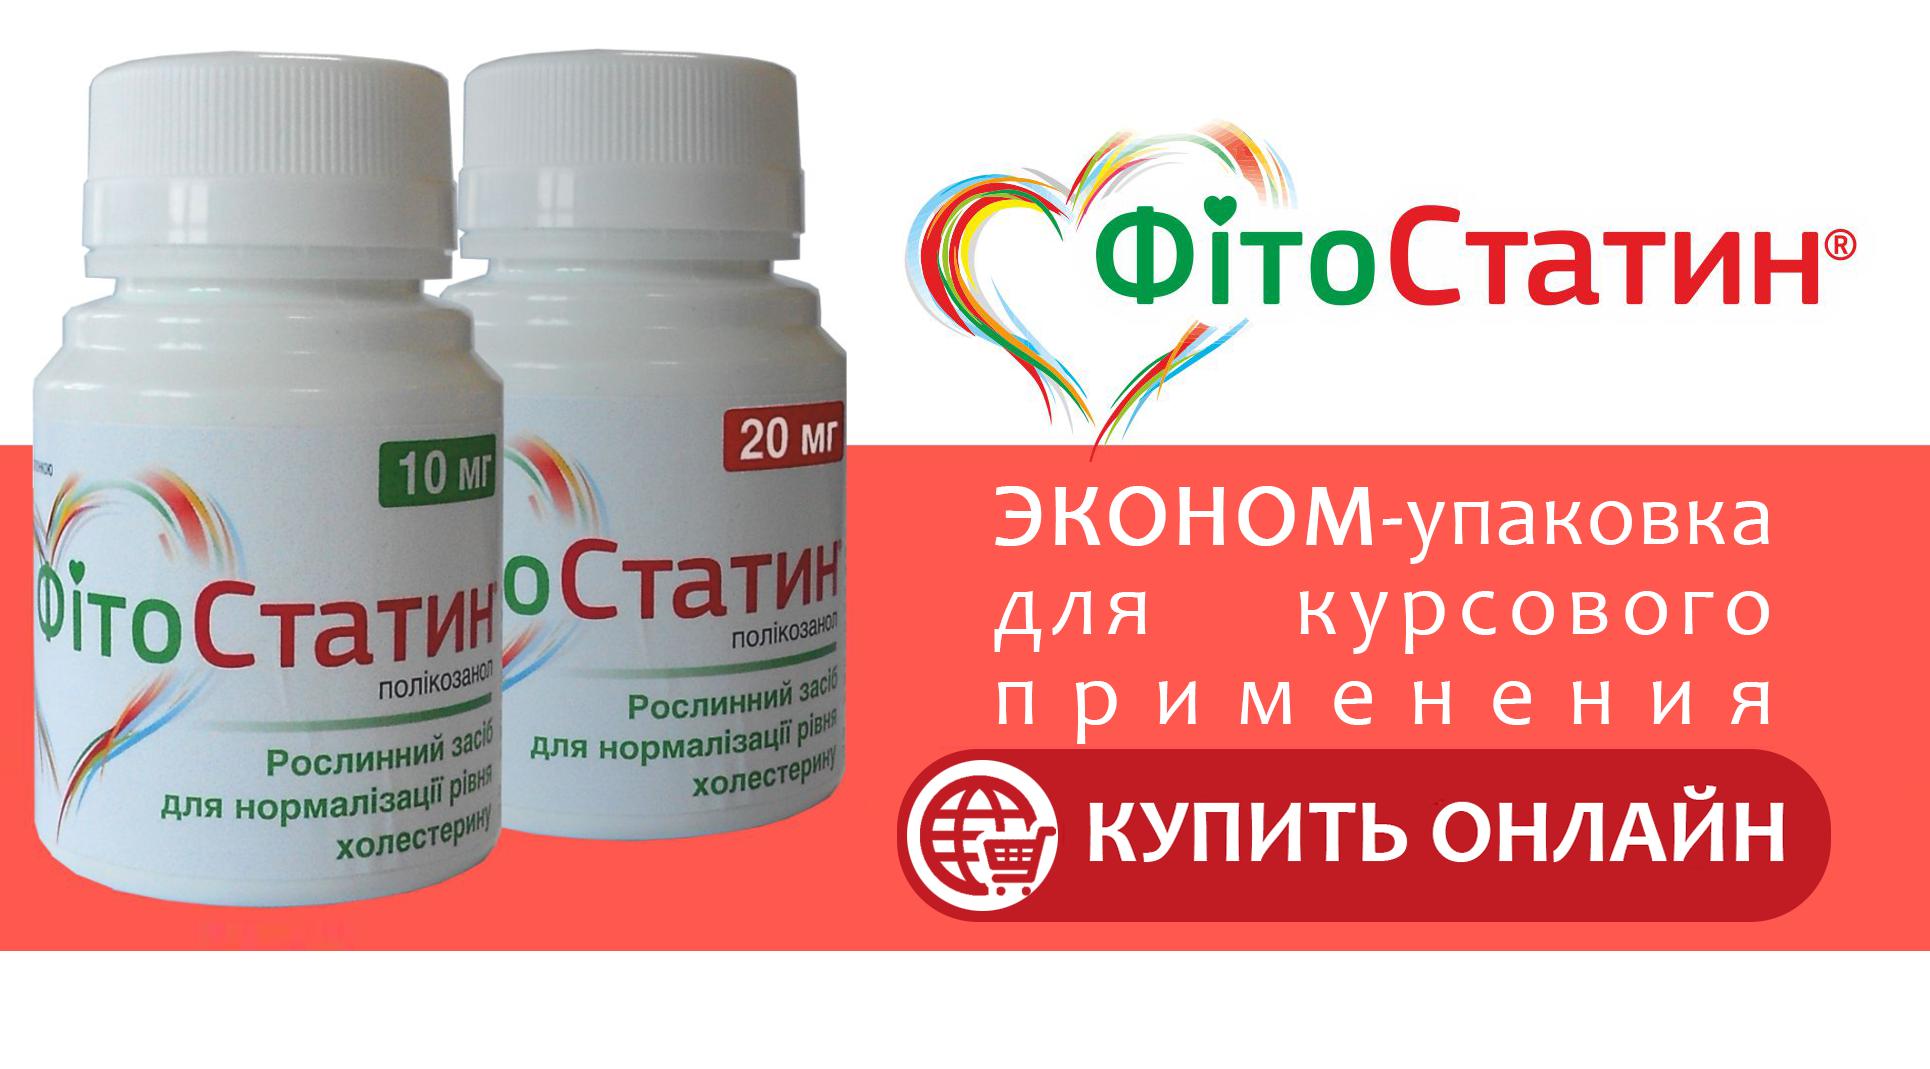 фитостатин рус